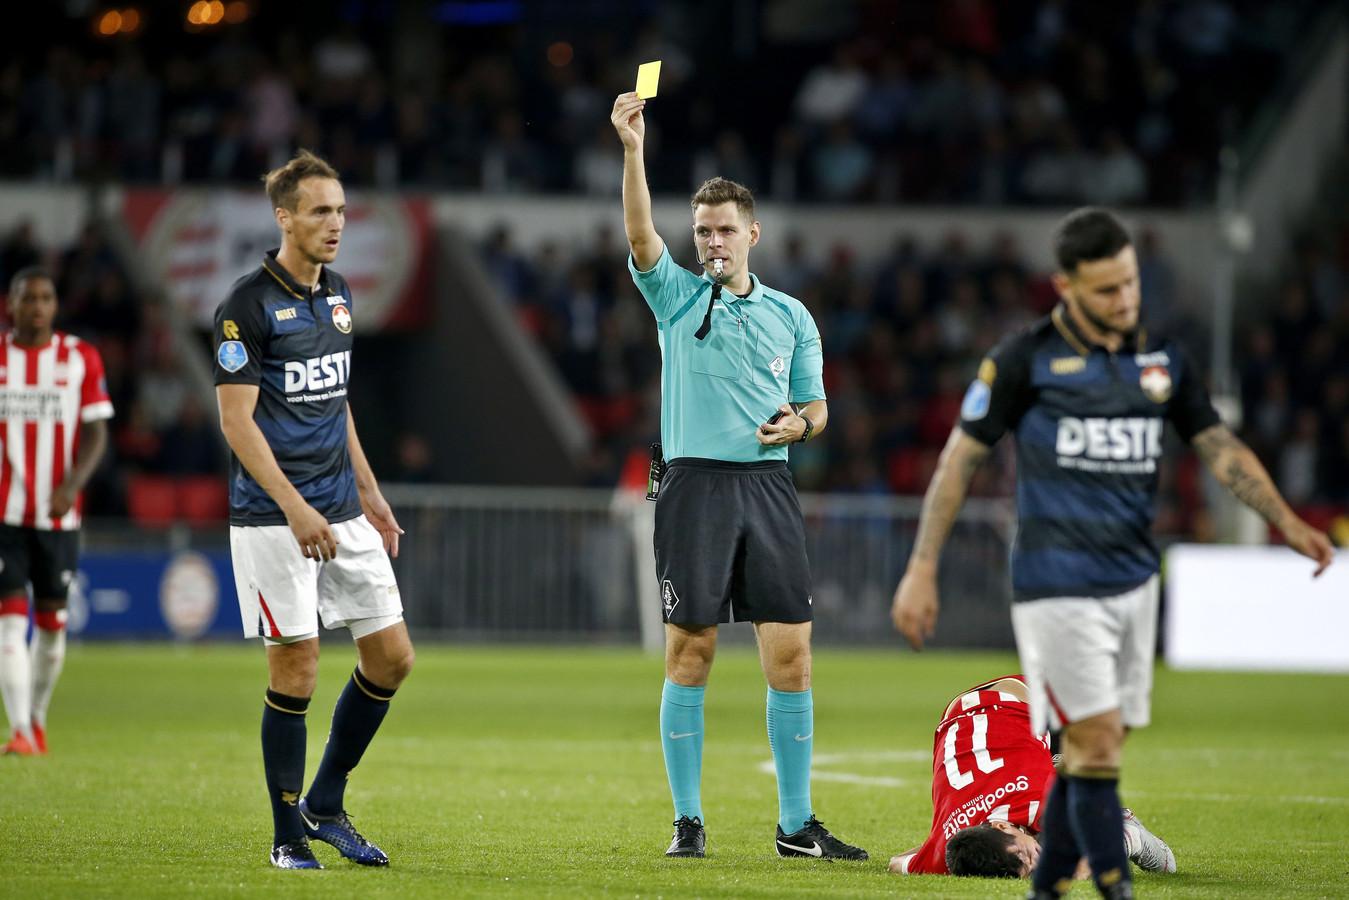 Freek Heerkens (links) krijgt de gele kaart van scheidsrechter Kamphuis.